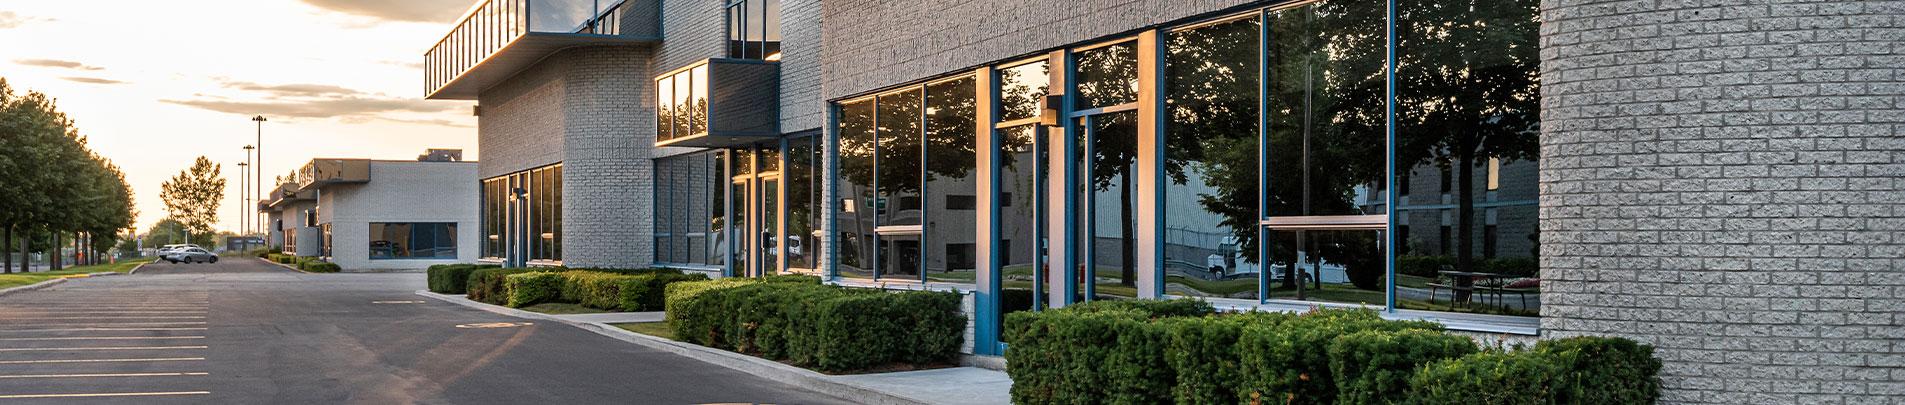 Unternehmen • Niedling & Partner GmbH